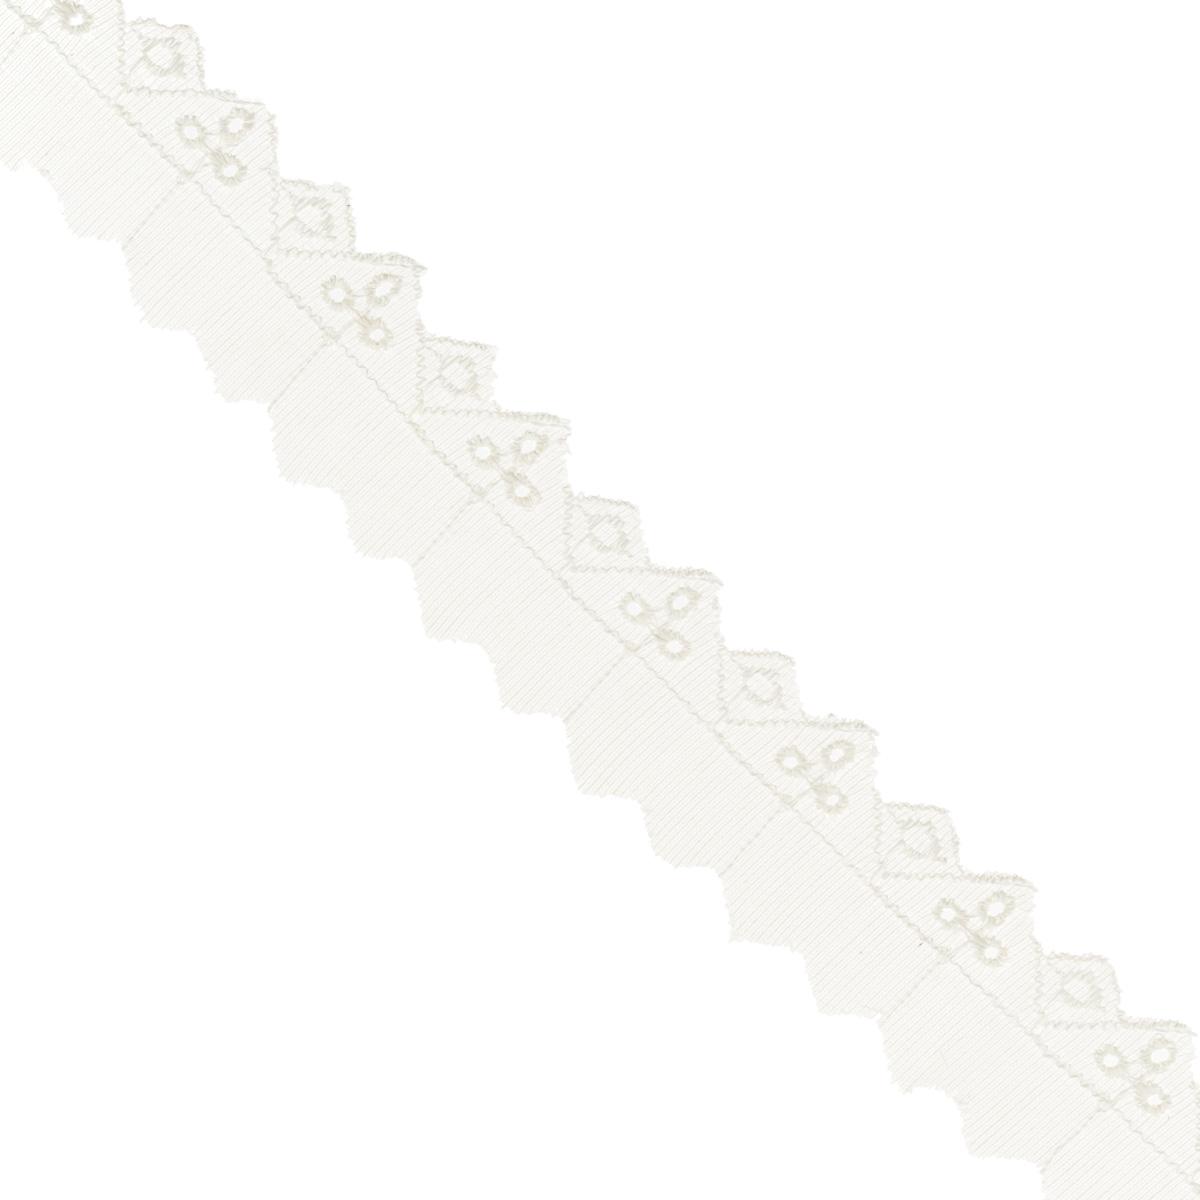 Тесьма отделочная Астра, цвет: слоновая кость, ширина 3 см, длина 9 м. 77043777704377Отделочная тесьма Астра, изготовленная из хлопка, предназначена для декорирования. Такая тесьма может создает эффект ручной работы на предмете одежды, что придаст ей неповторимость, сэкономив при этом ваше время на создание изделия. Также она идеально подойдет для оформления различных творческих работ таких, как скрапбукинг, аппликация, декор коробок и открыток и многое другое. Тесьма наивысшего качества практична в использовании. Она станет незаменимым элементом в создании рукотворного шедевра.Ширина: 3 см.Длина: 9 м.